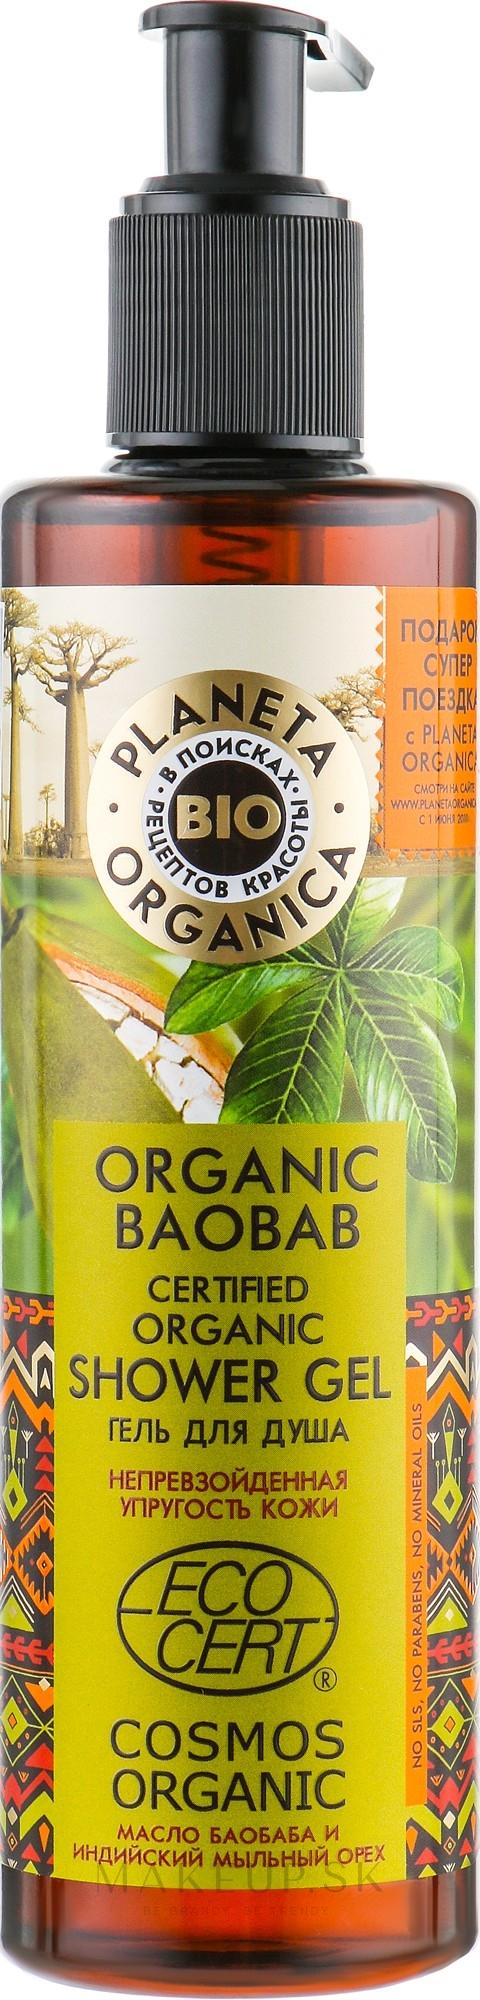 Spevňujúci sprchový gél - Planeta Organica Organic Baobab Shower Gel — Obrázky 280 ml